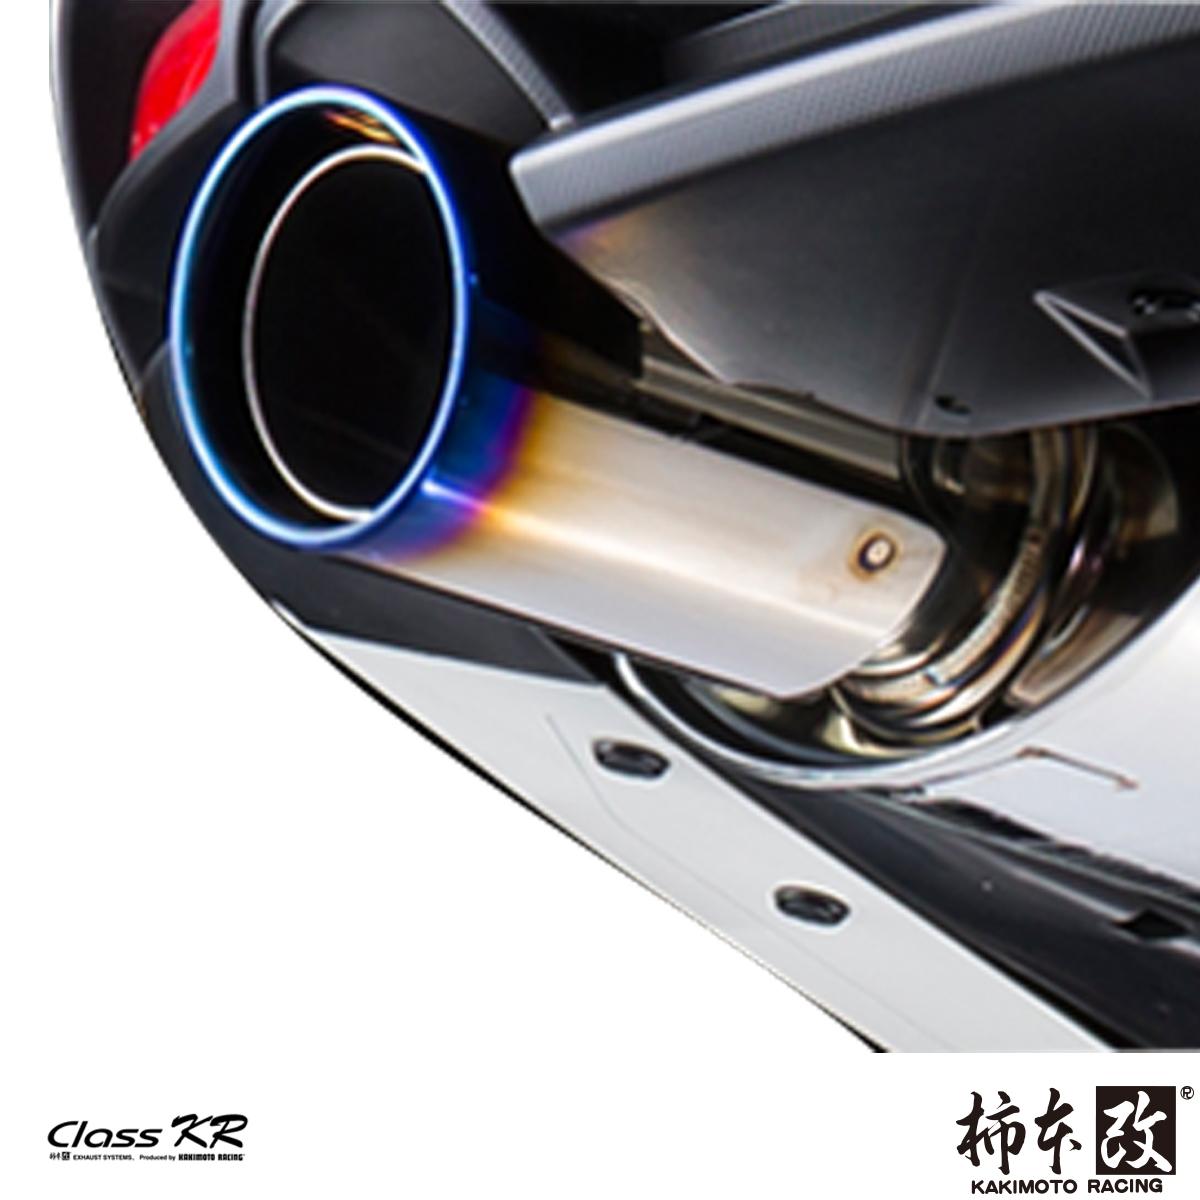 柿本 改 クラスKR WRX S4 DBA-VAG マフラー 品番:B71354R KAKIMOTO RACING Class KR 条件付き送料無料